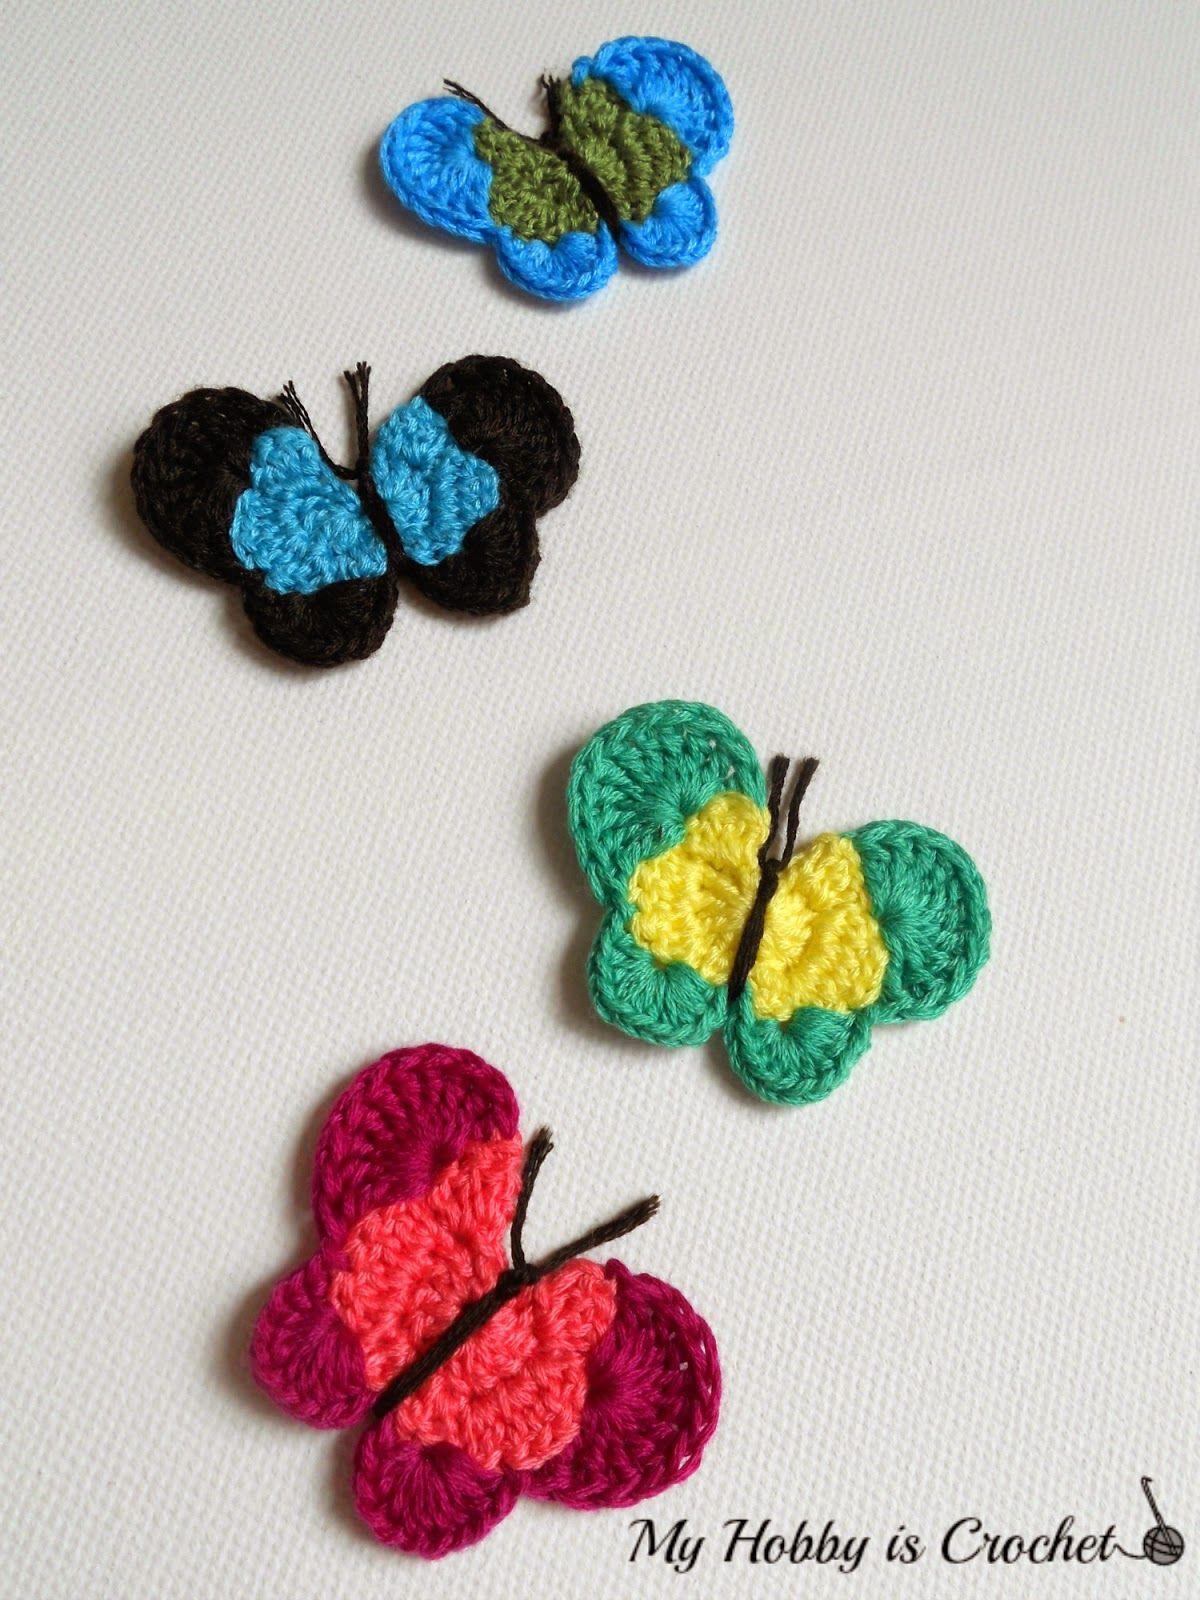 Crochet Butterfly Applique Free Crochet Pattern (My Hobby Is Crochet ...